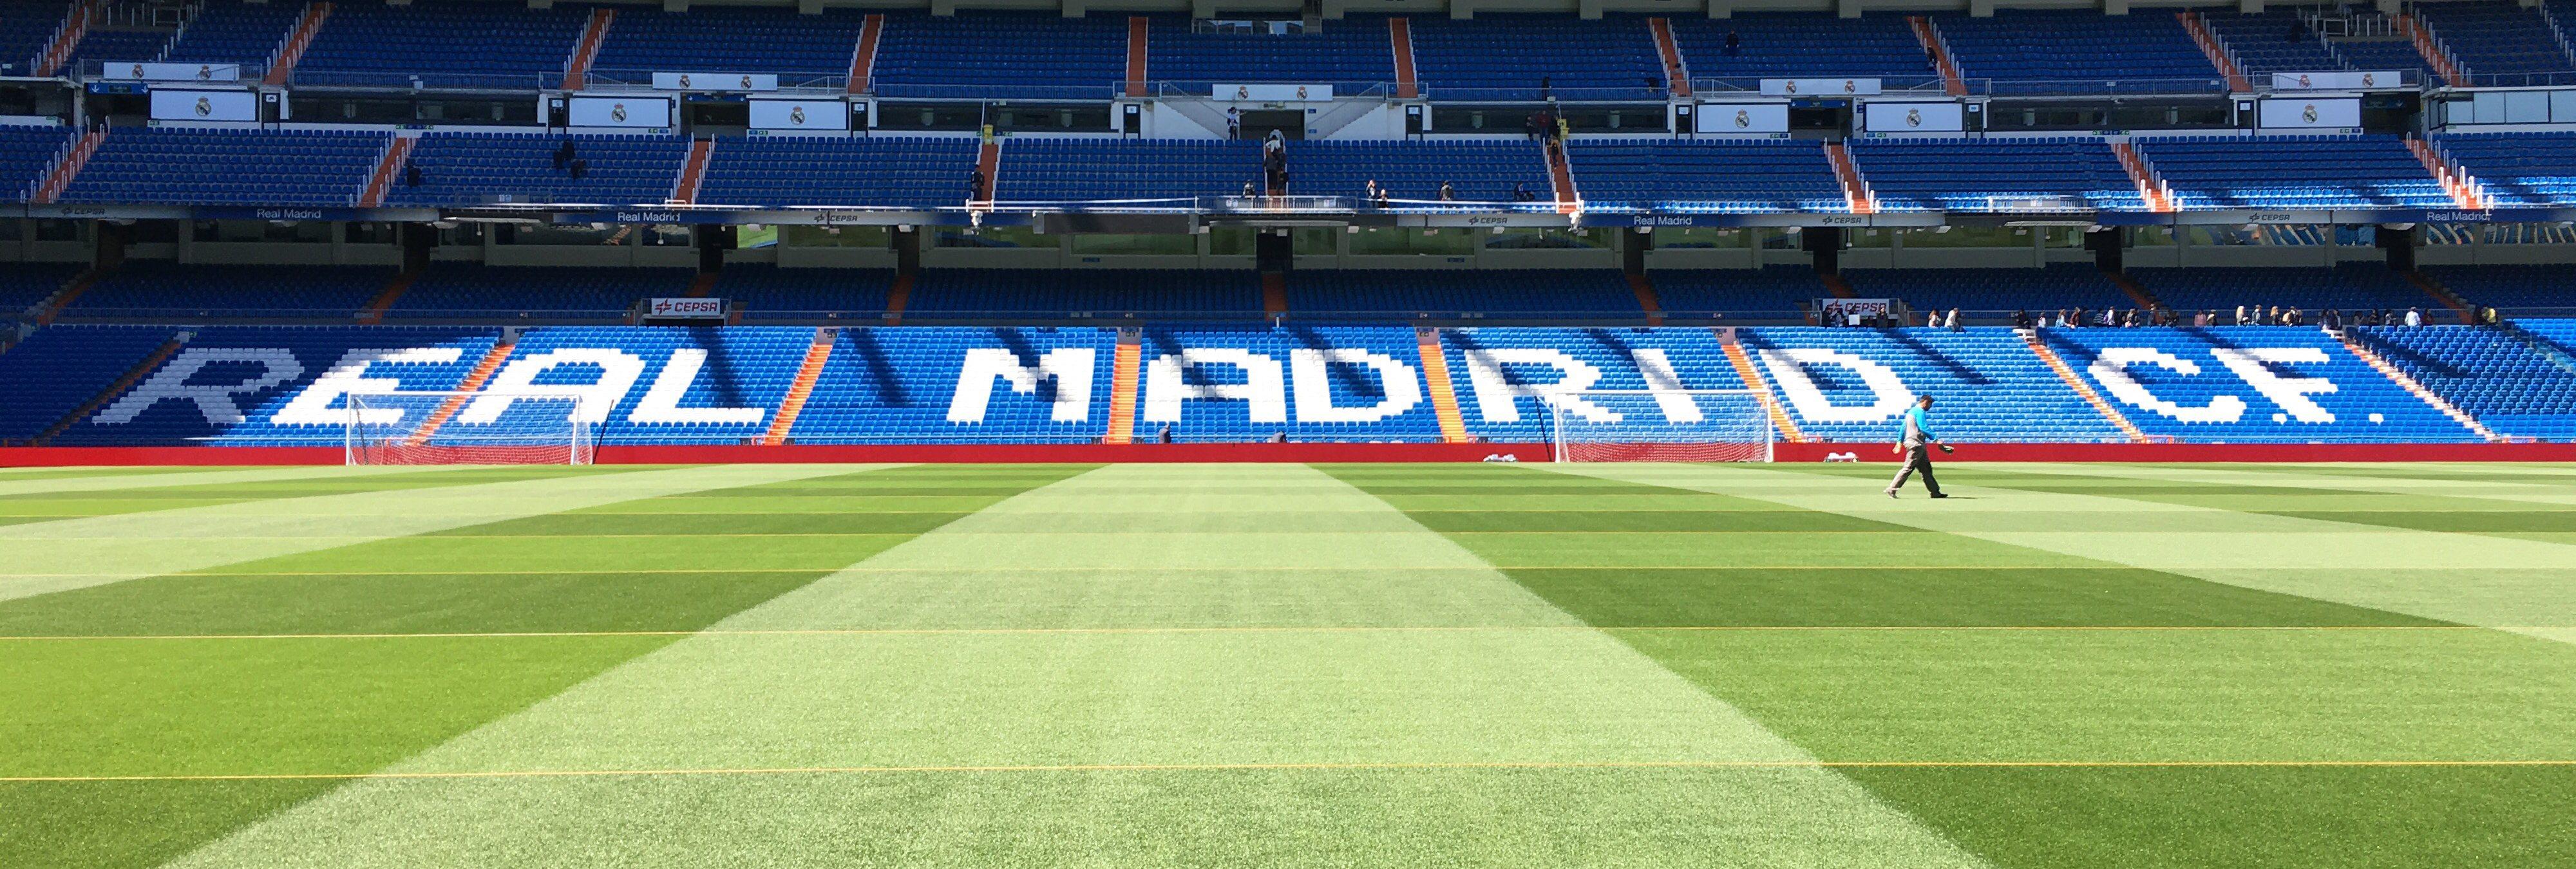 El Real Madrid podría gastarse hasta 1.000 millones en un nuevo proyecto deportivo